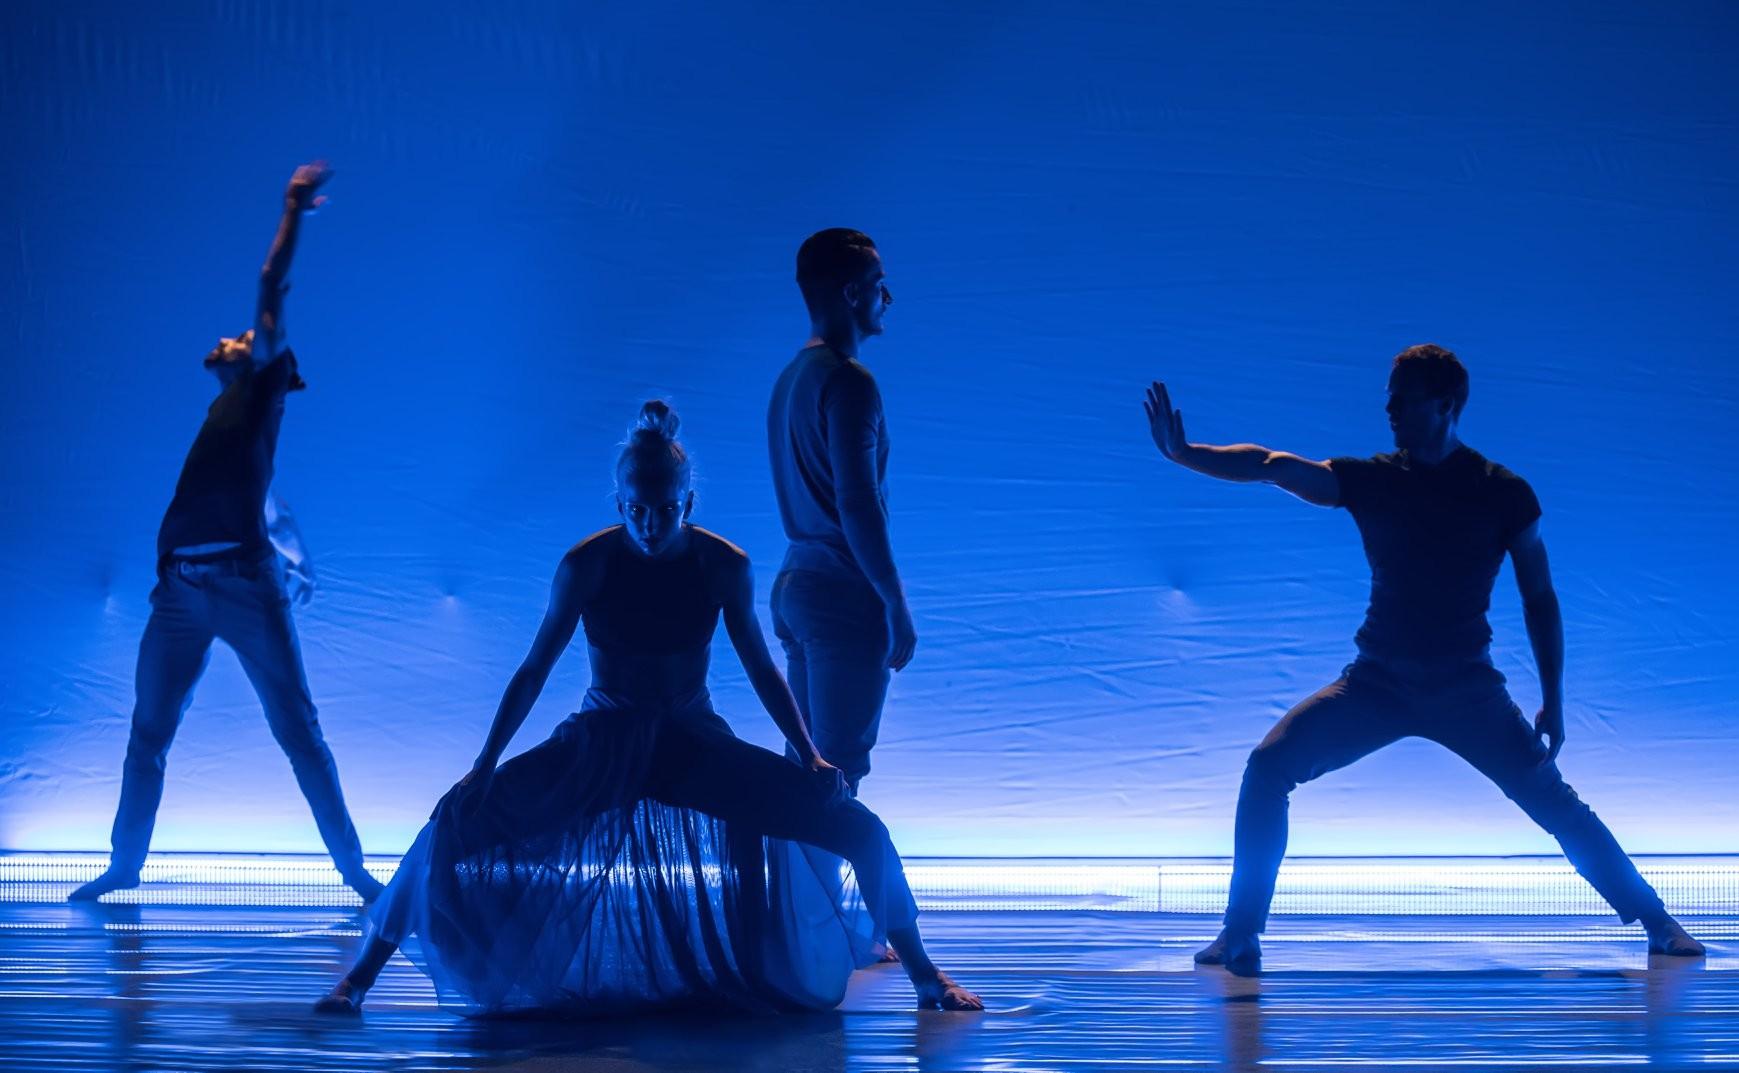 A Kecskemét City Balett és az Esszencia Zenekar közös előadást ad a Várkert Bazárban